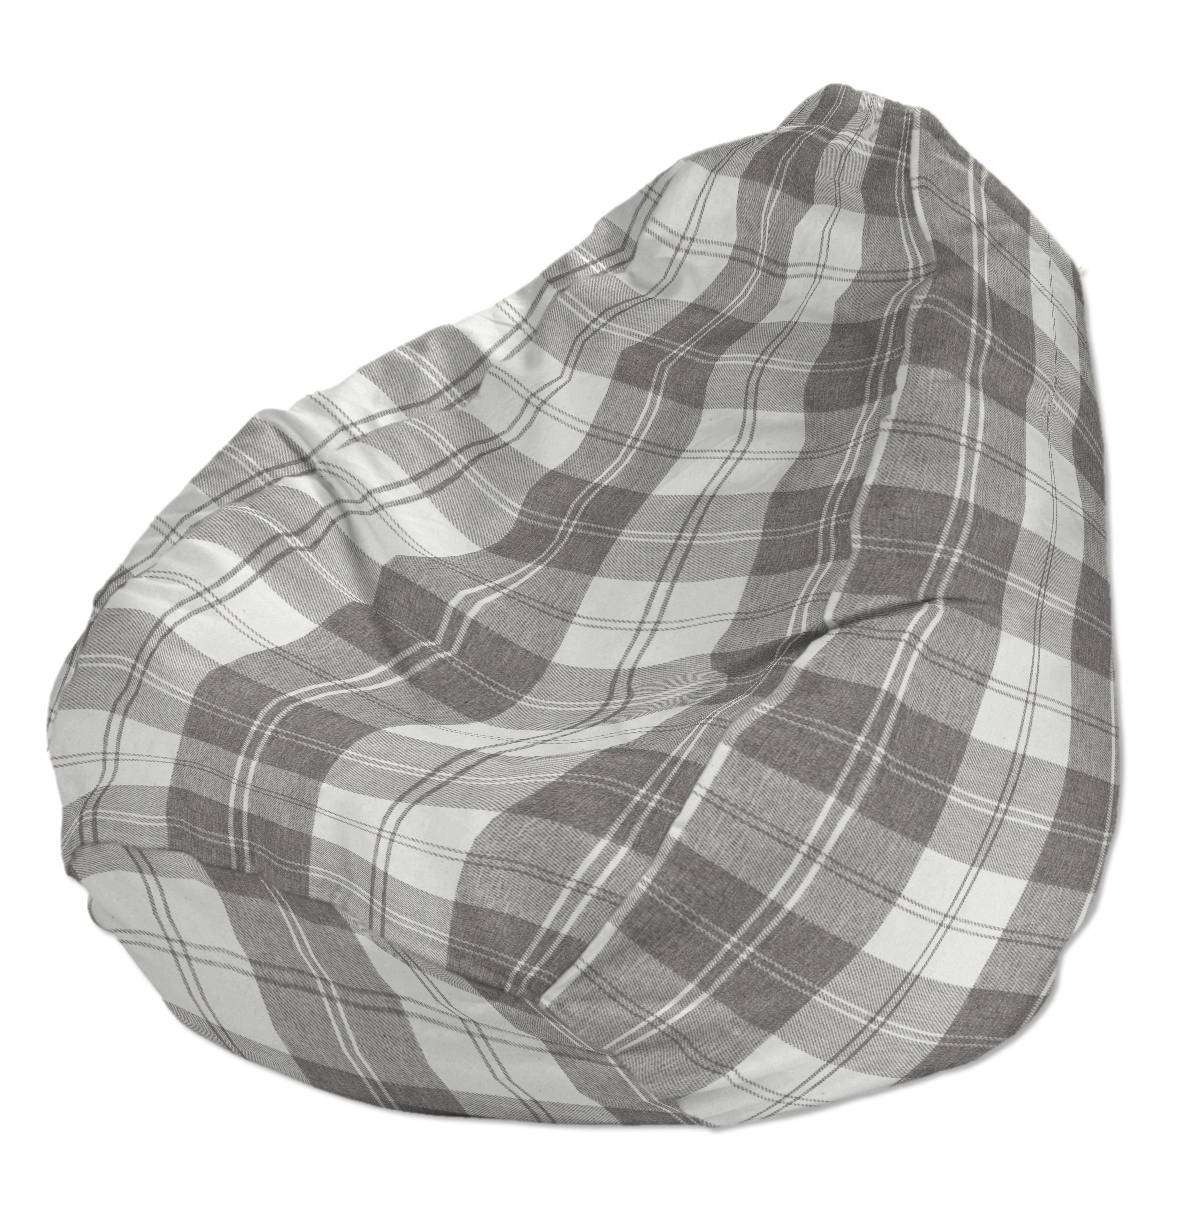 Bezug für Sitzsack Bezug für Sitzsack Ø50x85 cm von der Kollektion Edinburgh , Stoff: 115-79